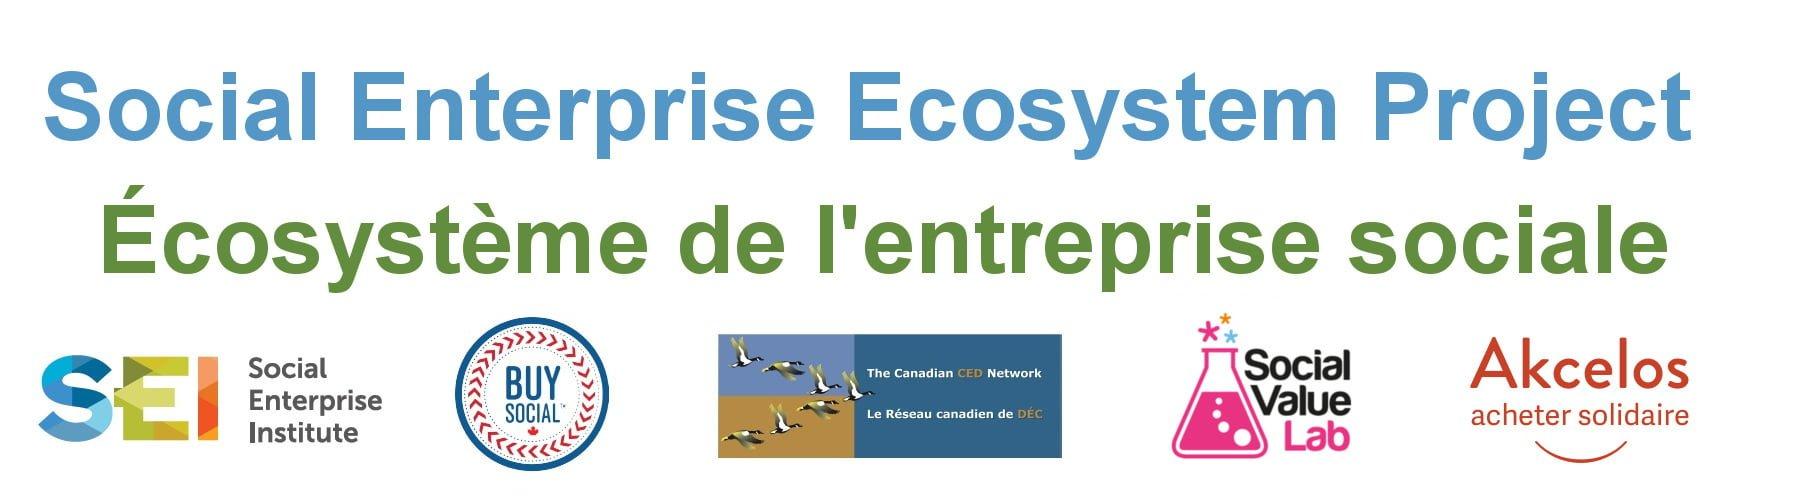 Projet d'écosystème de l'entreprise sociale